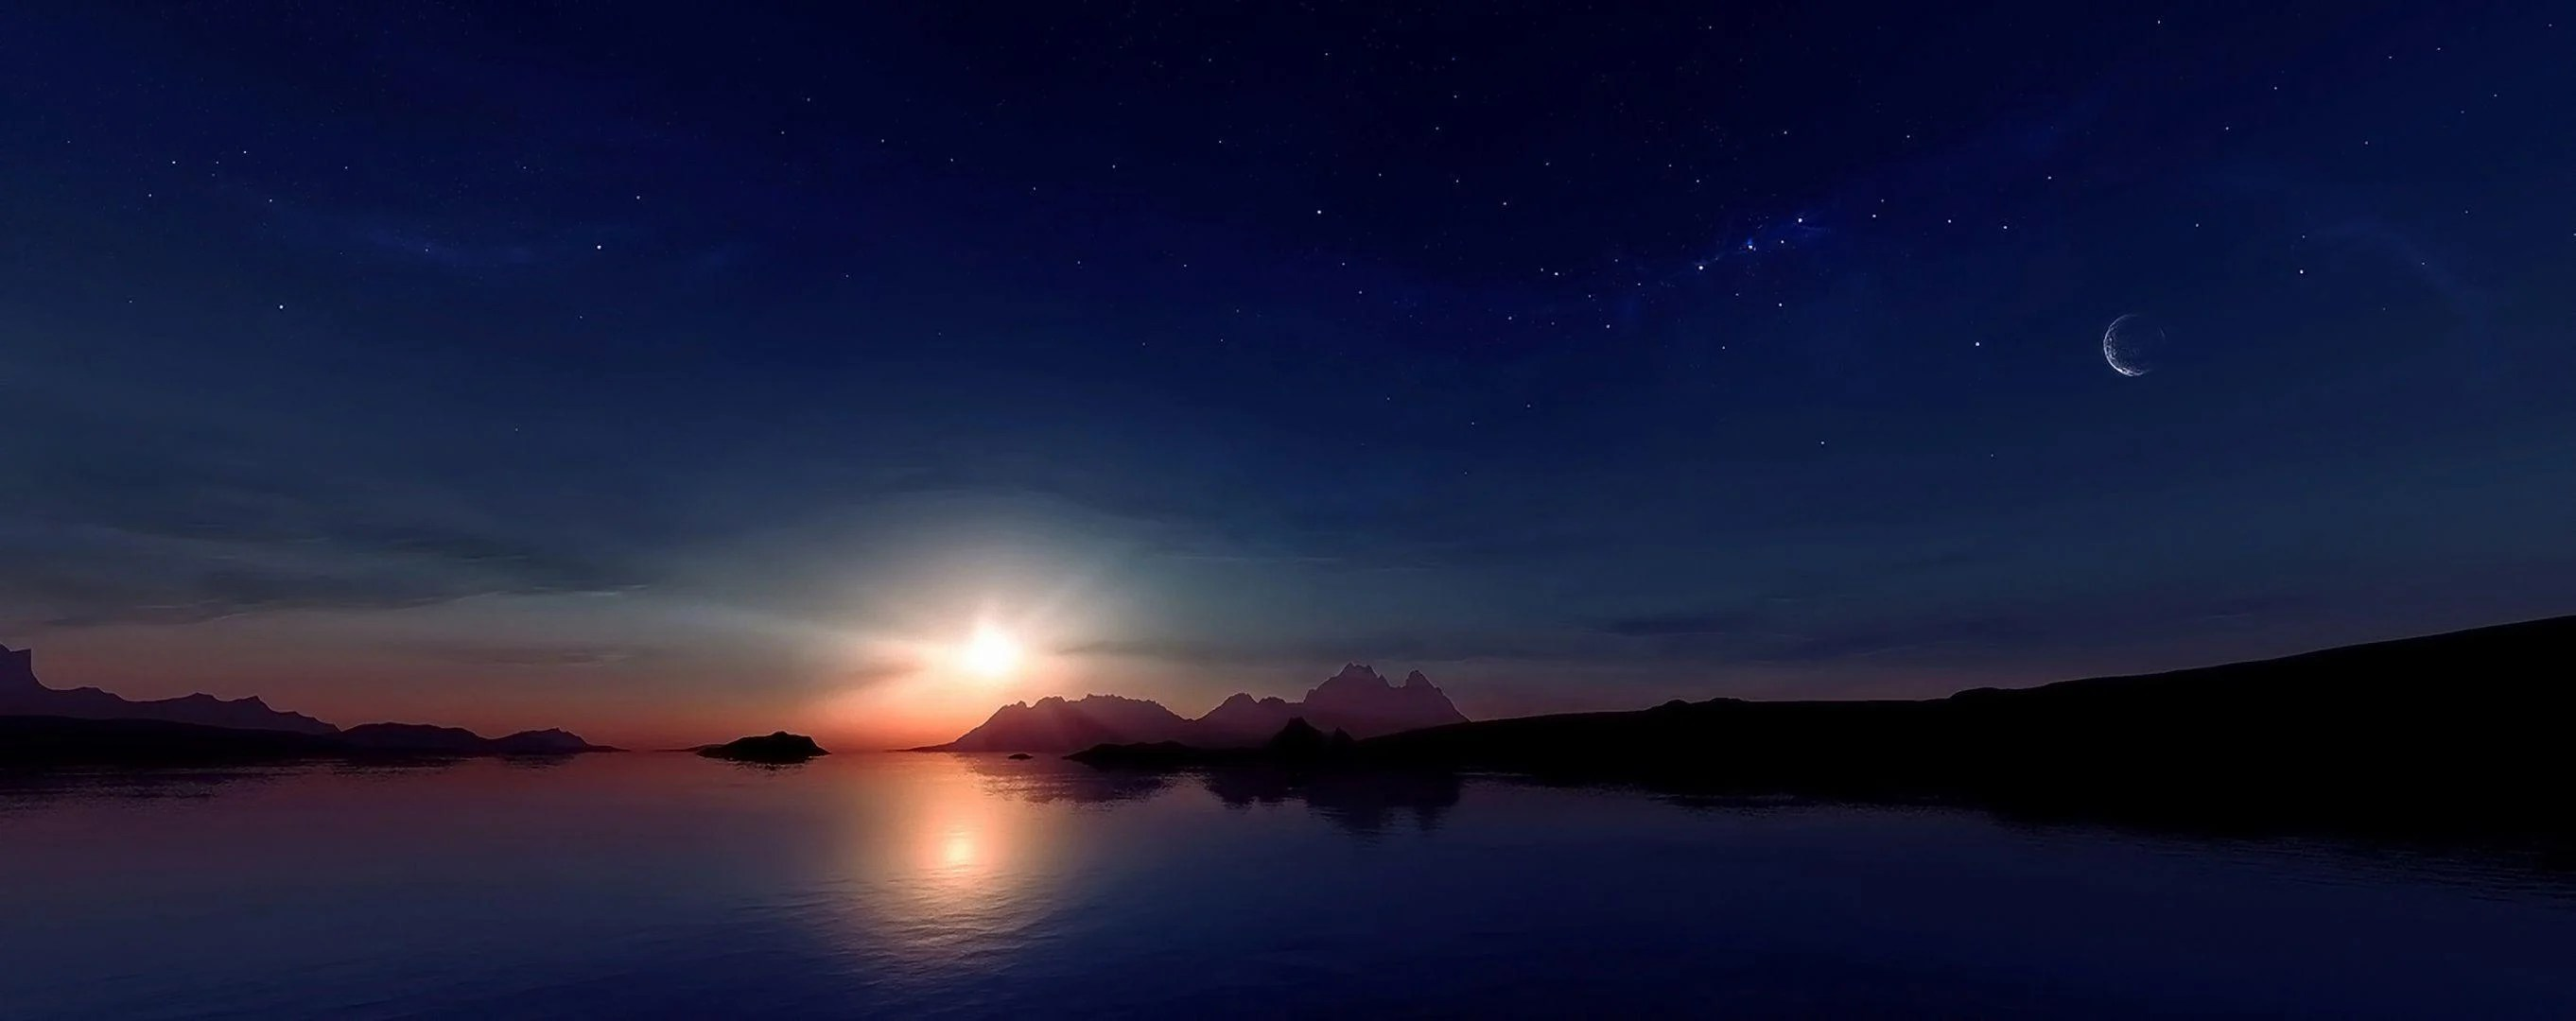 Sun Moon Stars Wallpapers